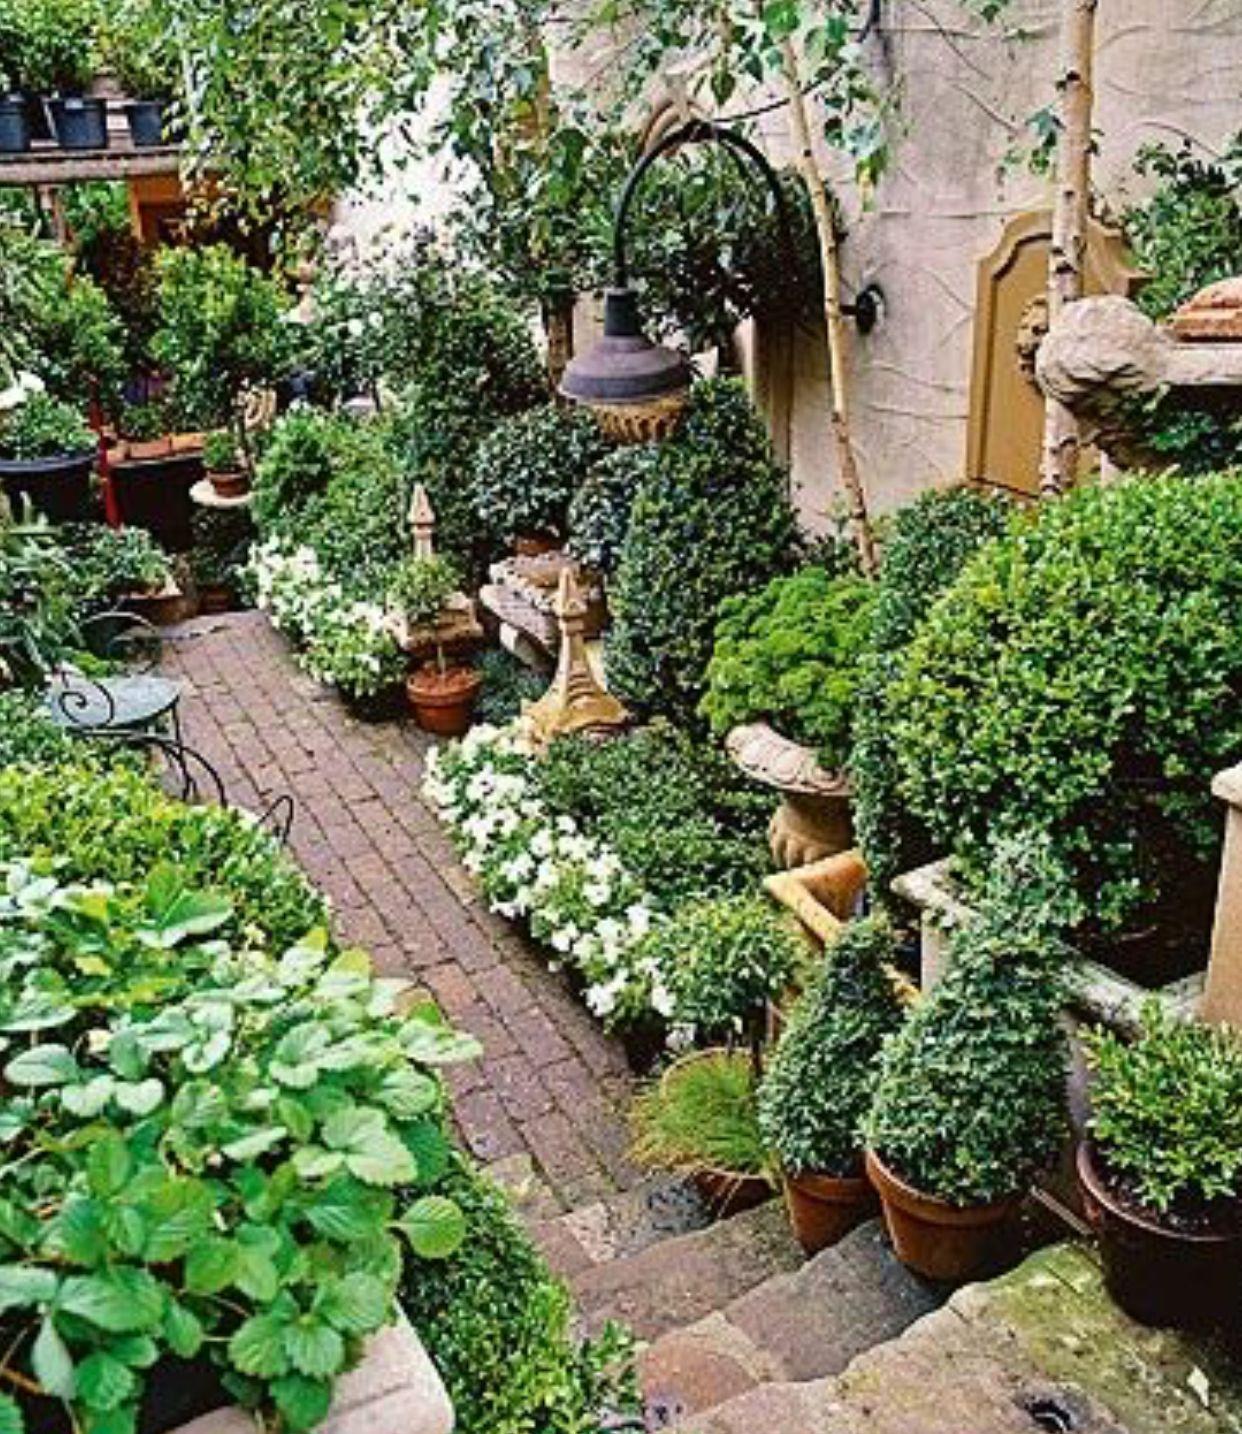 Decoration Allee De Jardin belle composition de plantes vertes au bord d'un jolie allée